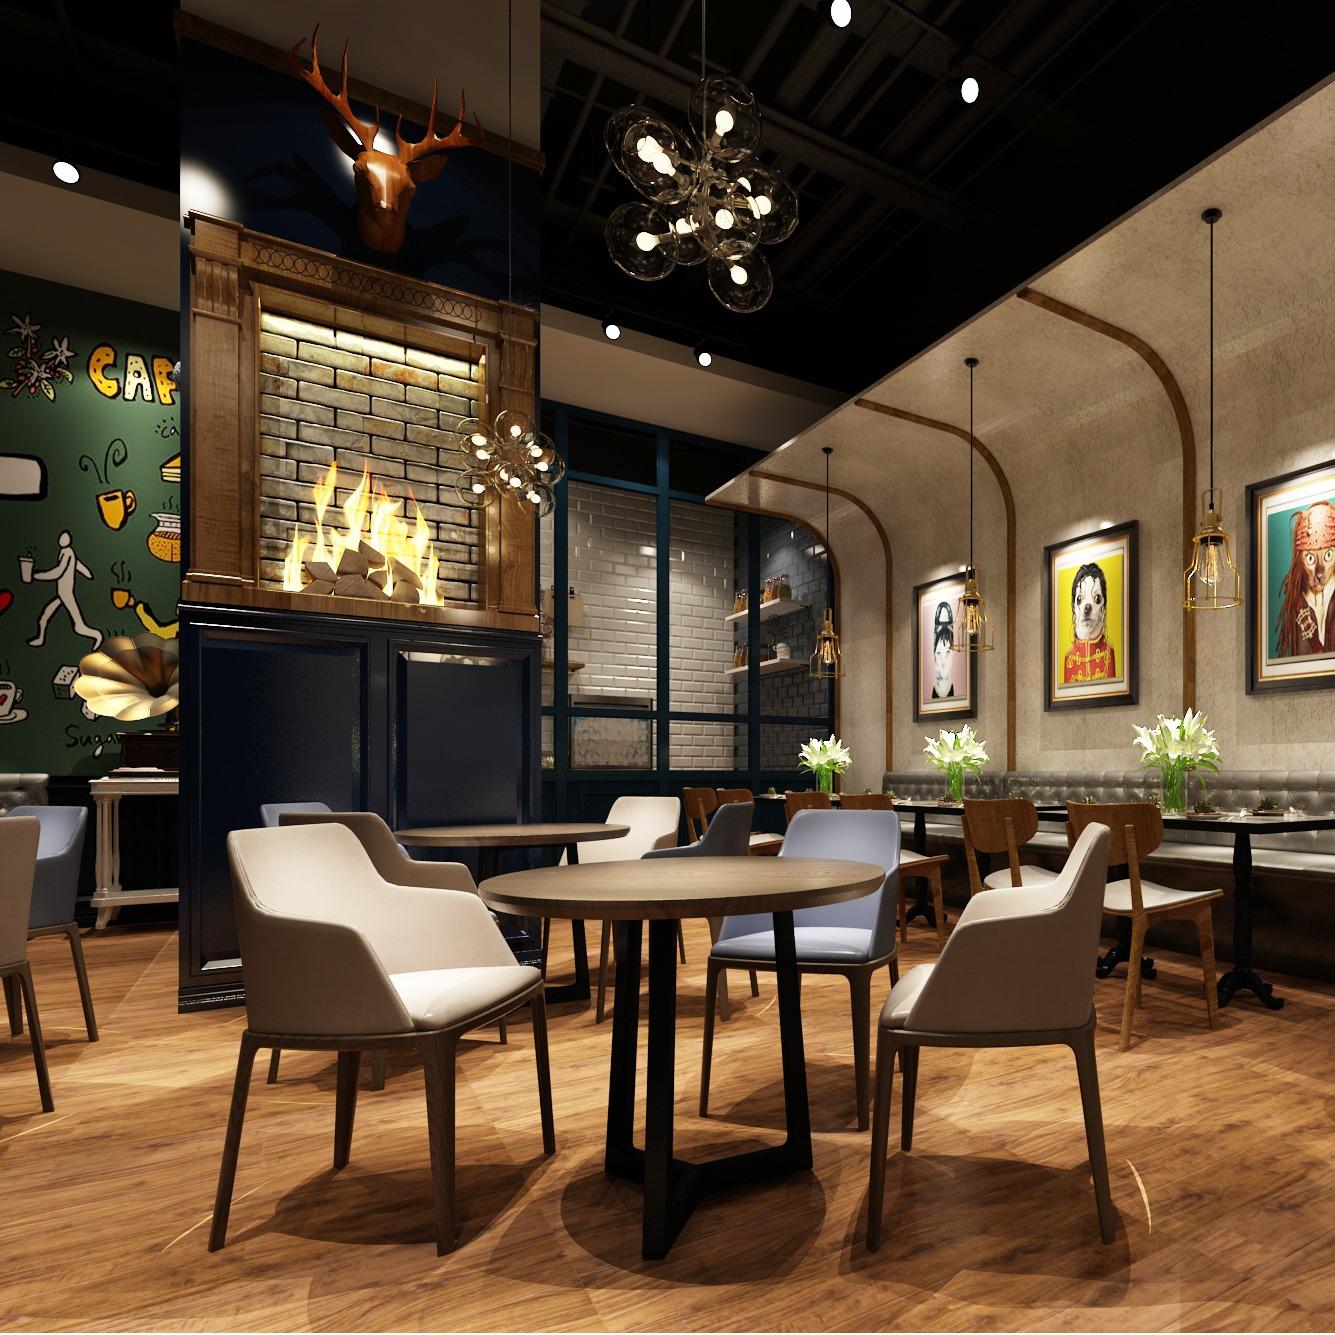 蛋糕店装修设计烘焙坊装修设计效果图咖啡厅西餐厅装修设计